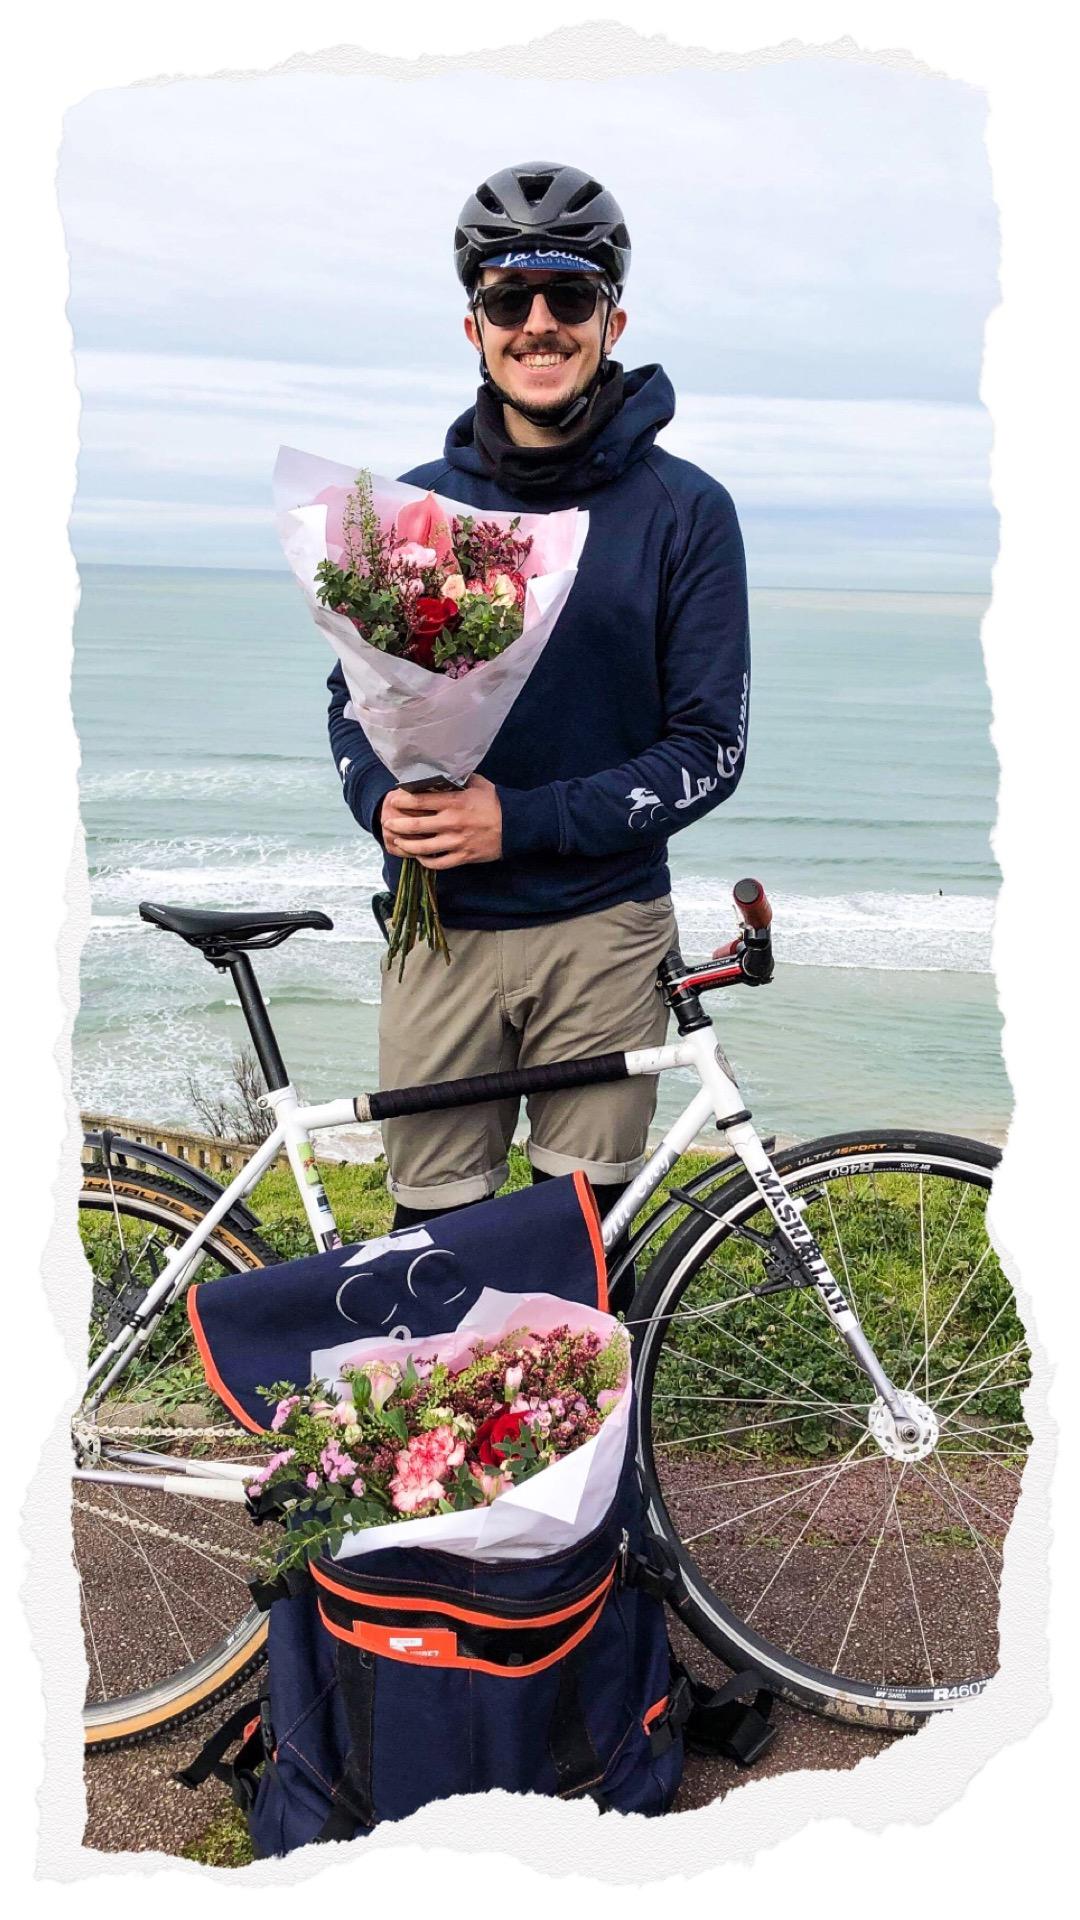 Livraison Ammi x La Course Biarritz St Valentin